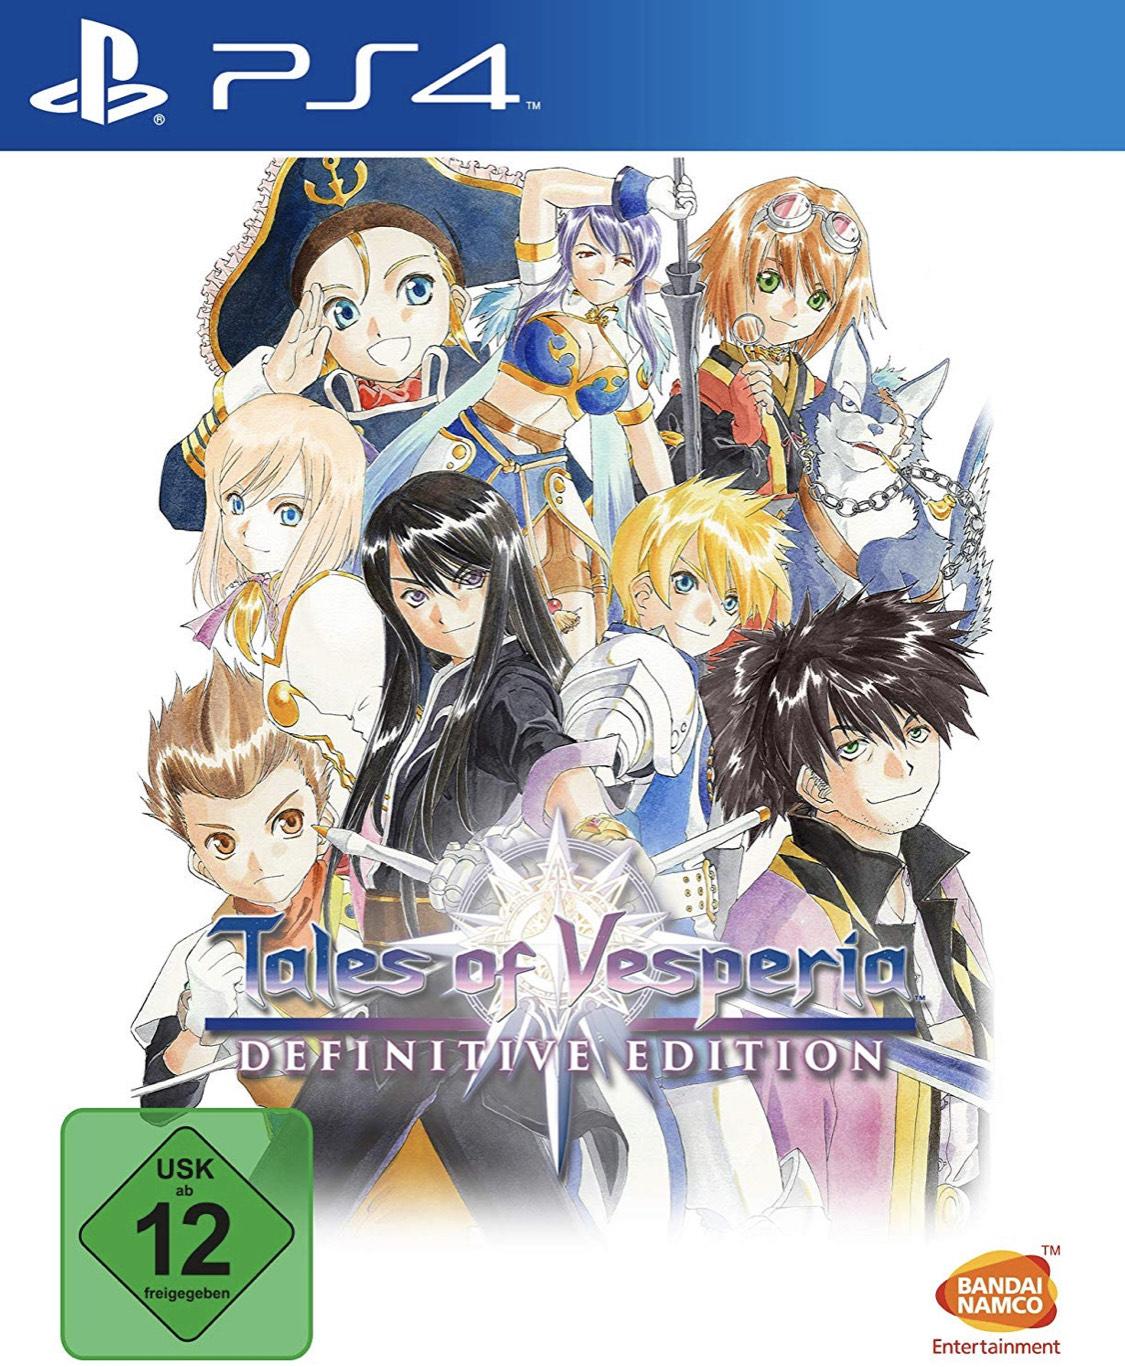 Tales of Vesperia Definitive Edition PS4 - £11.66 @ Amazon DE